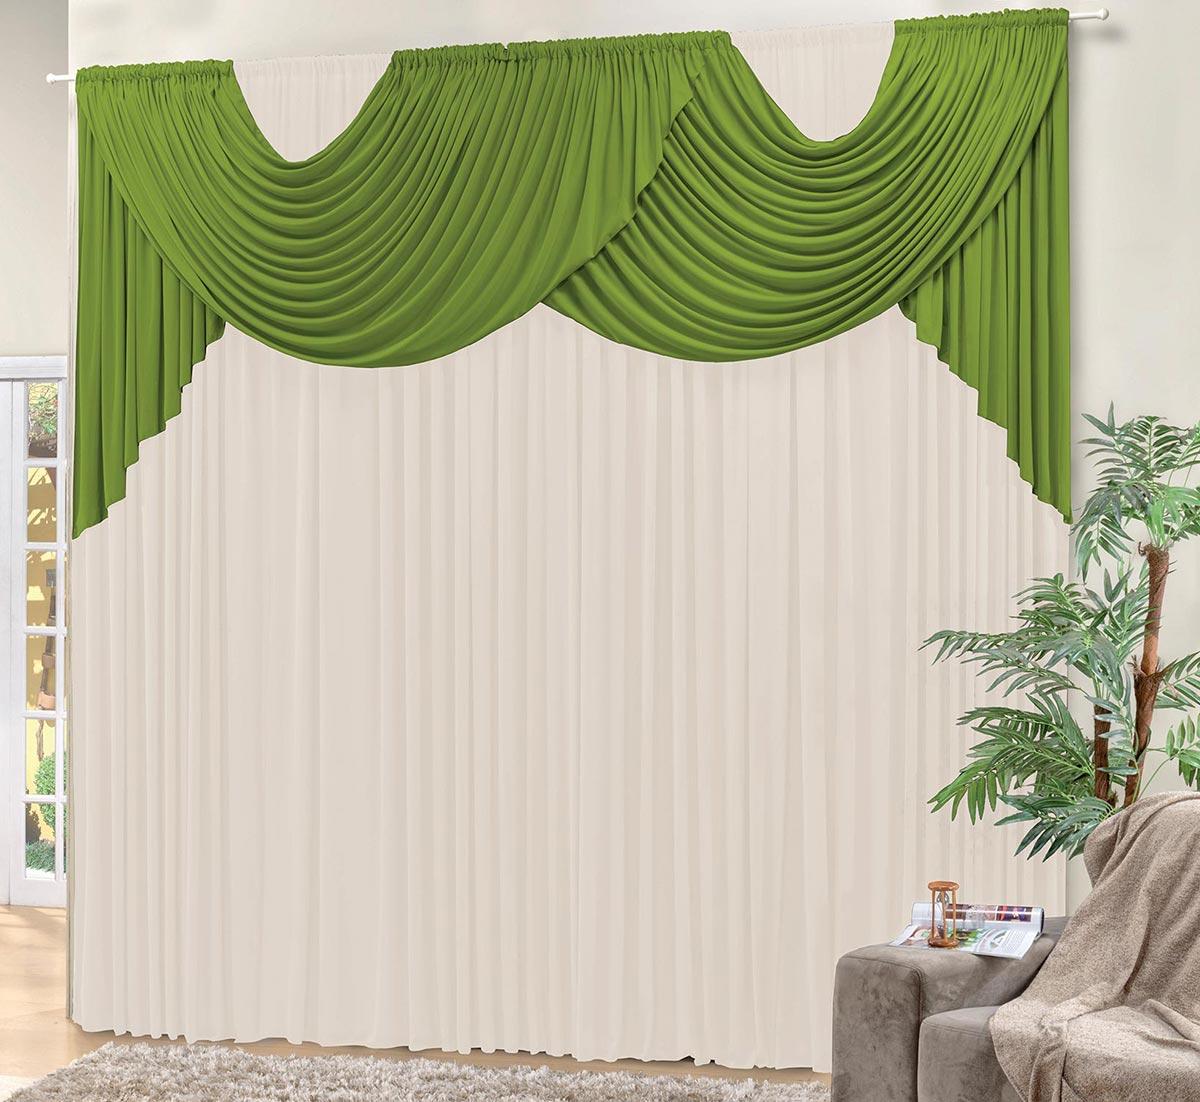 Cortina 3 metros Livia Verde e Palha Lisa com 1 peças